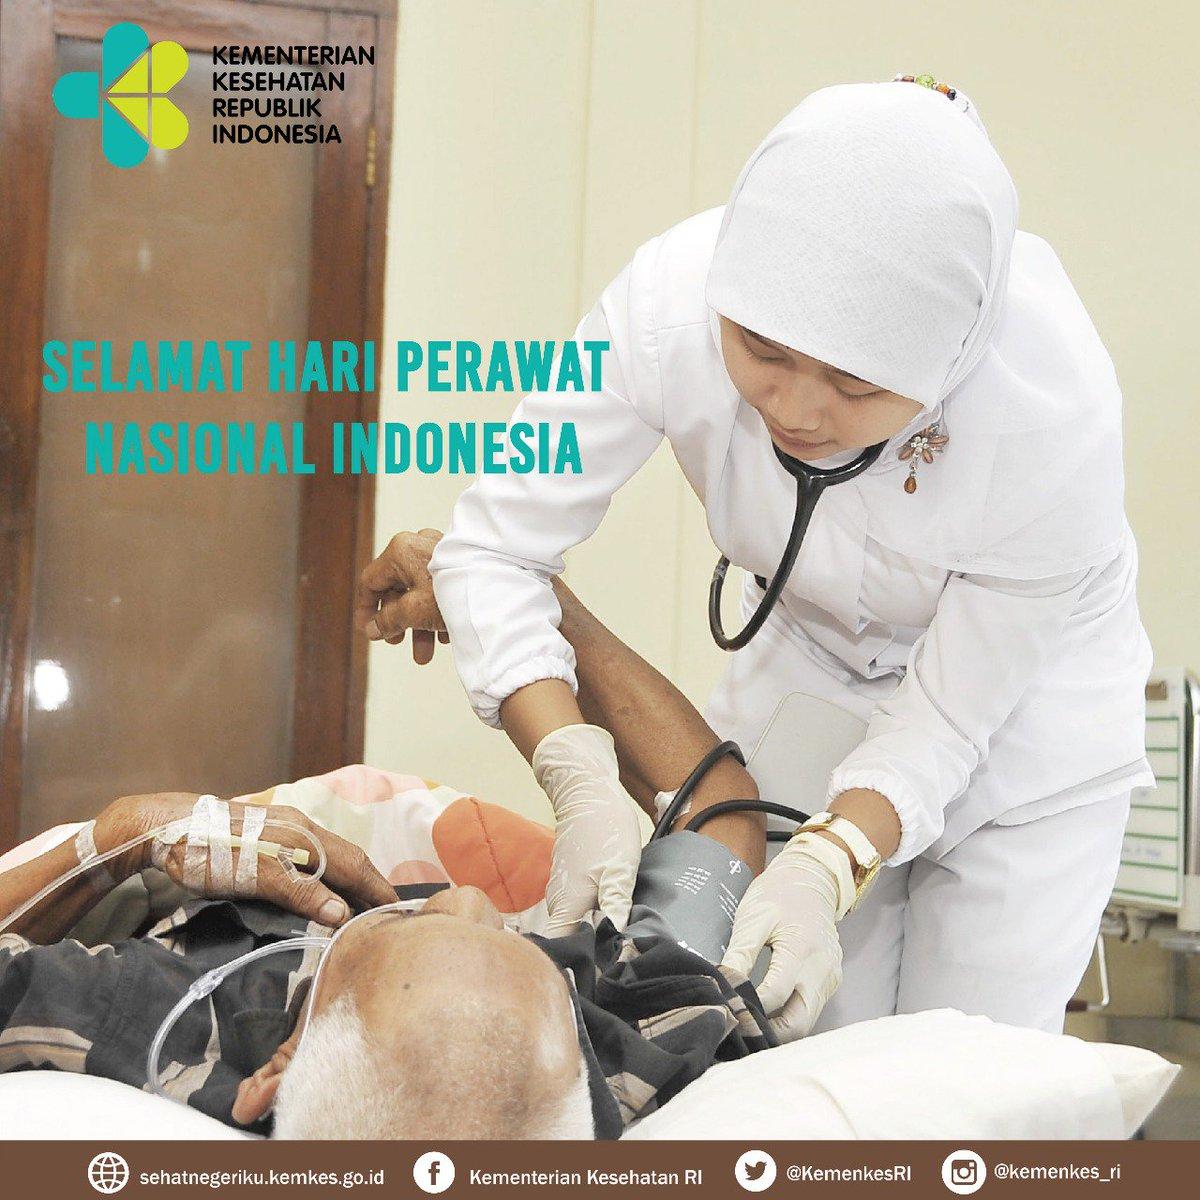 Selamat Hari Perawat Nasional Indonesia 😀. Terima kasih atas jasa perawat untuk menyehatkan bangsa 😀  #IndonesiaSehat